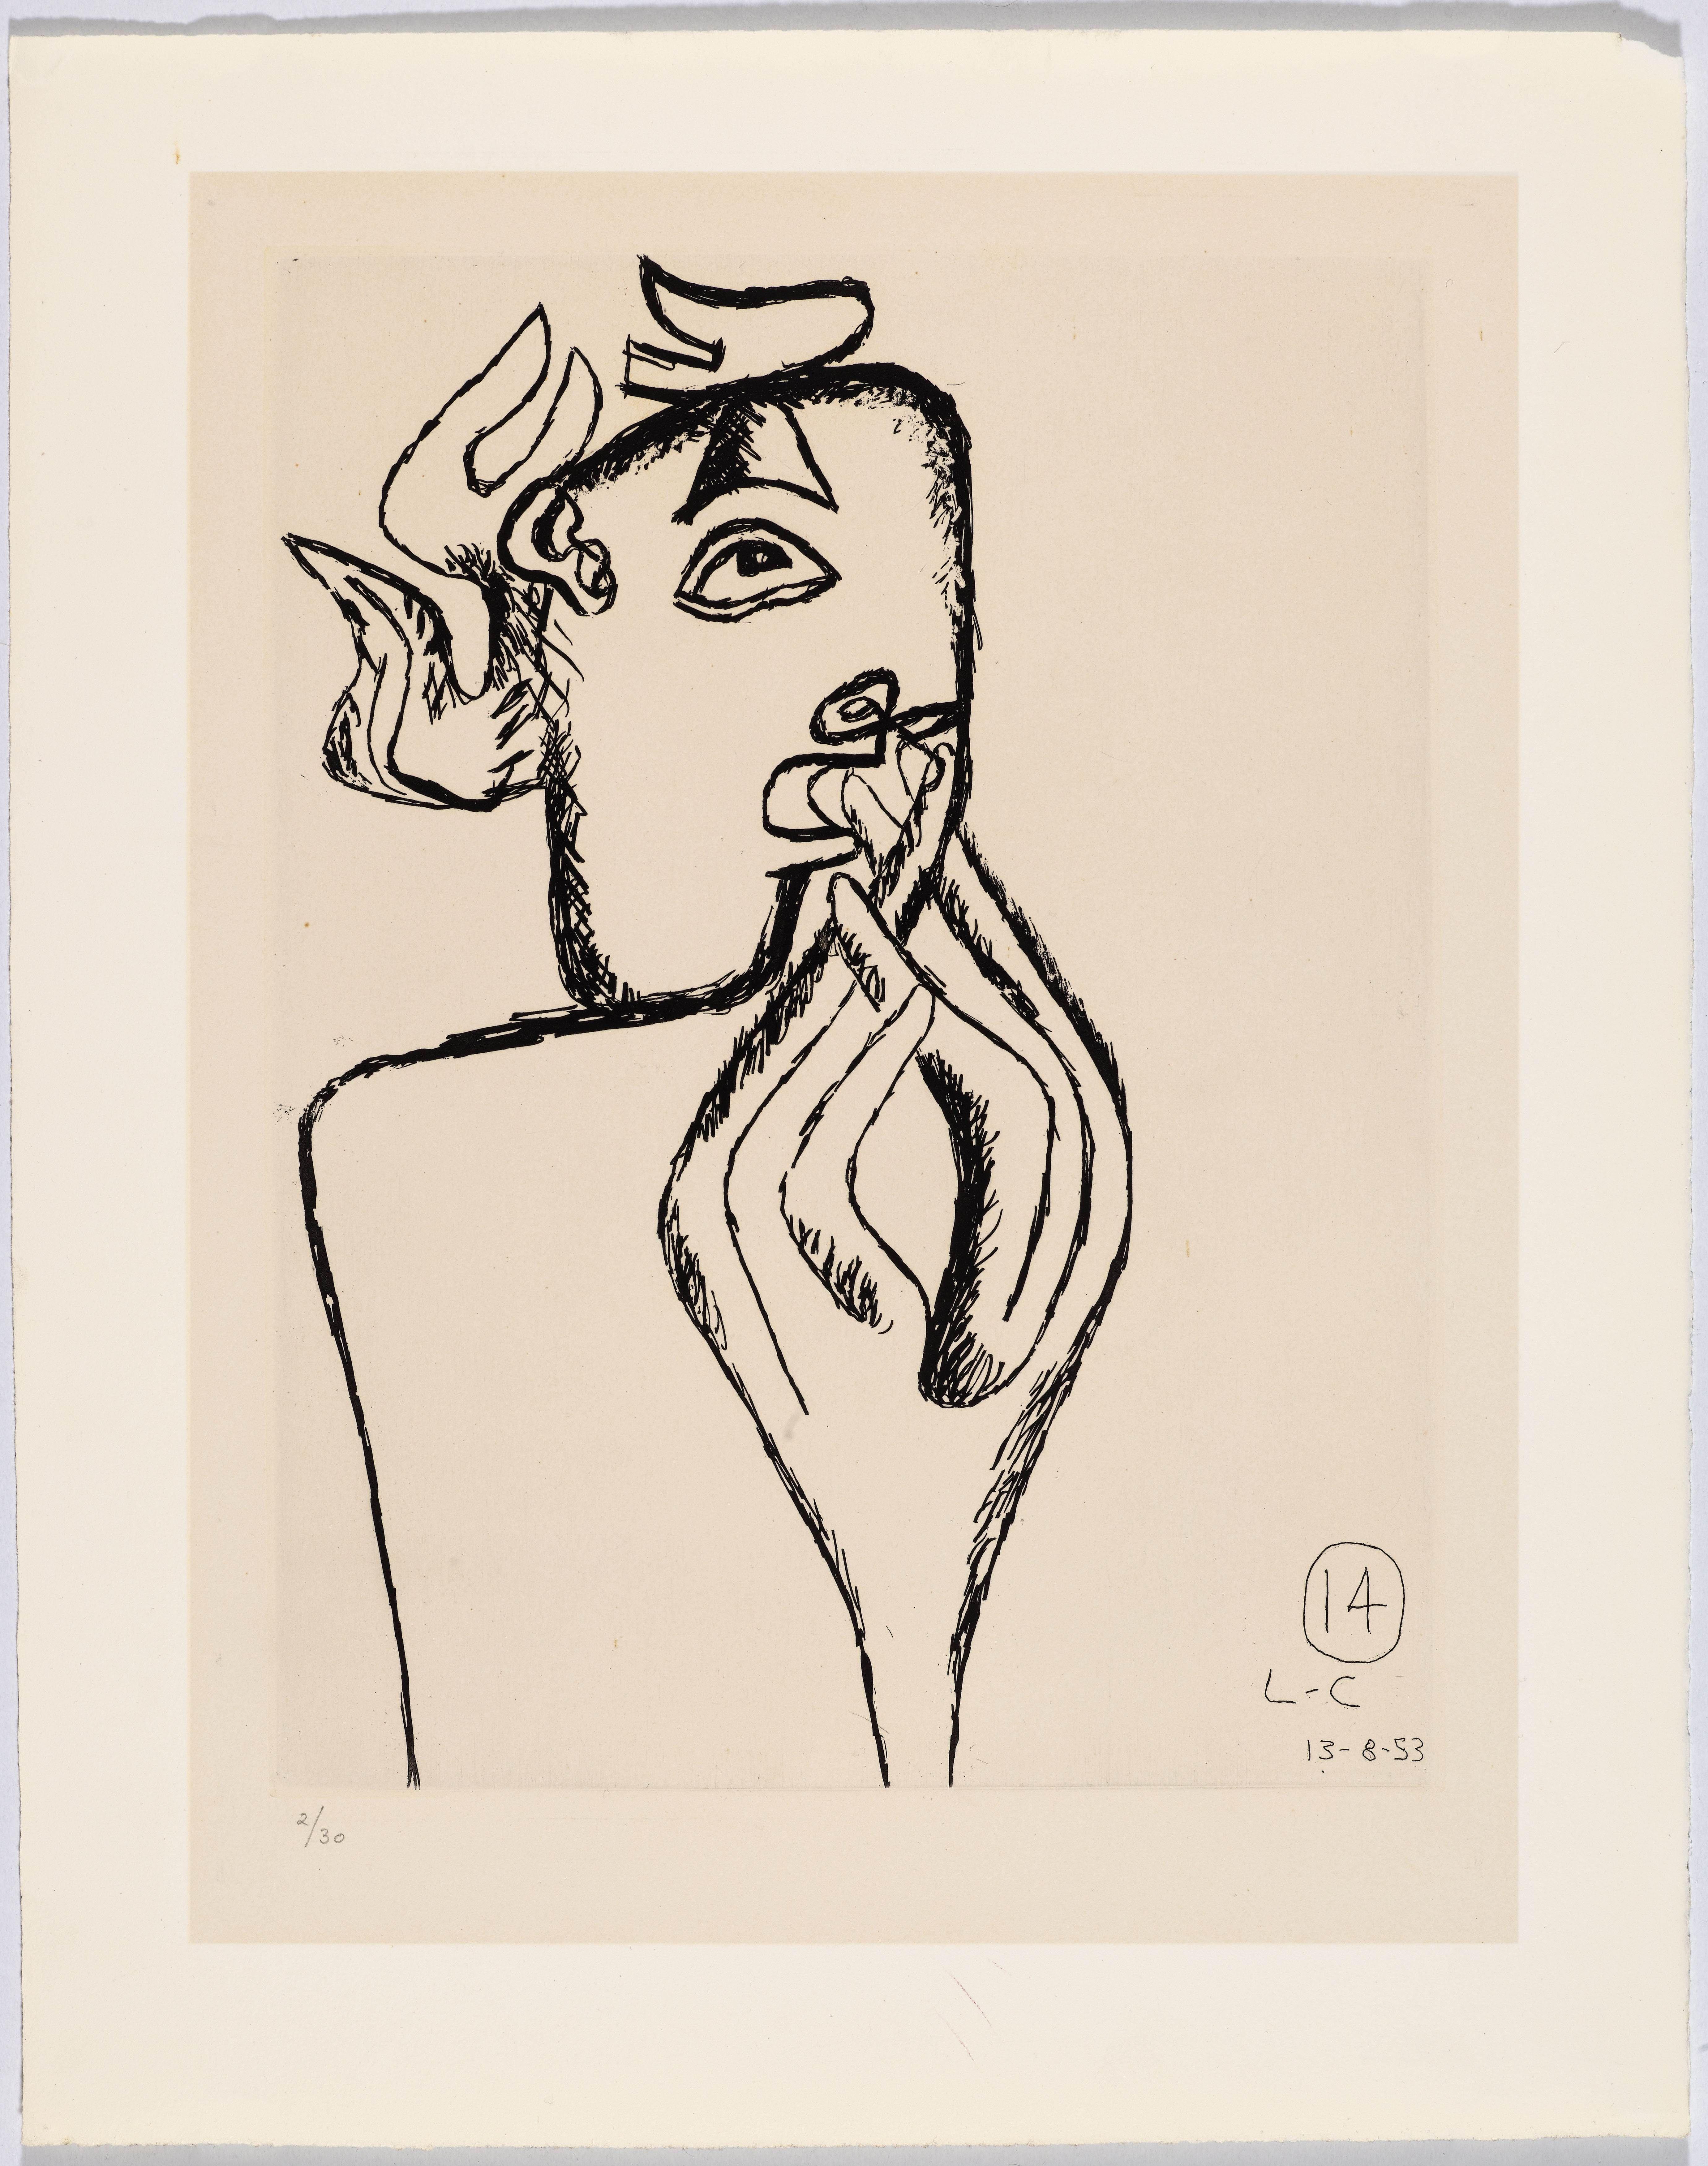 Le Corbusier - Unité. Plate 14, 1965